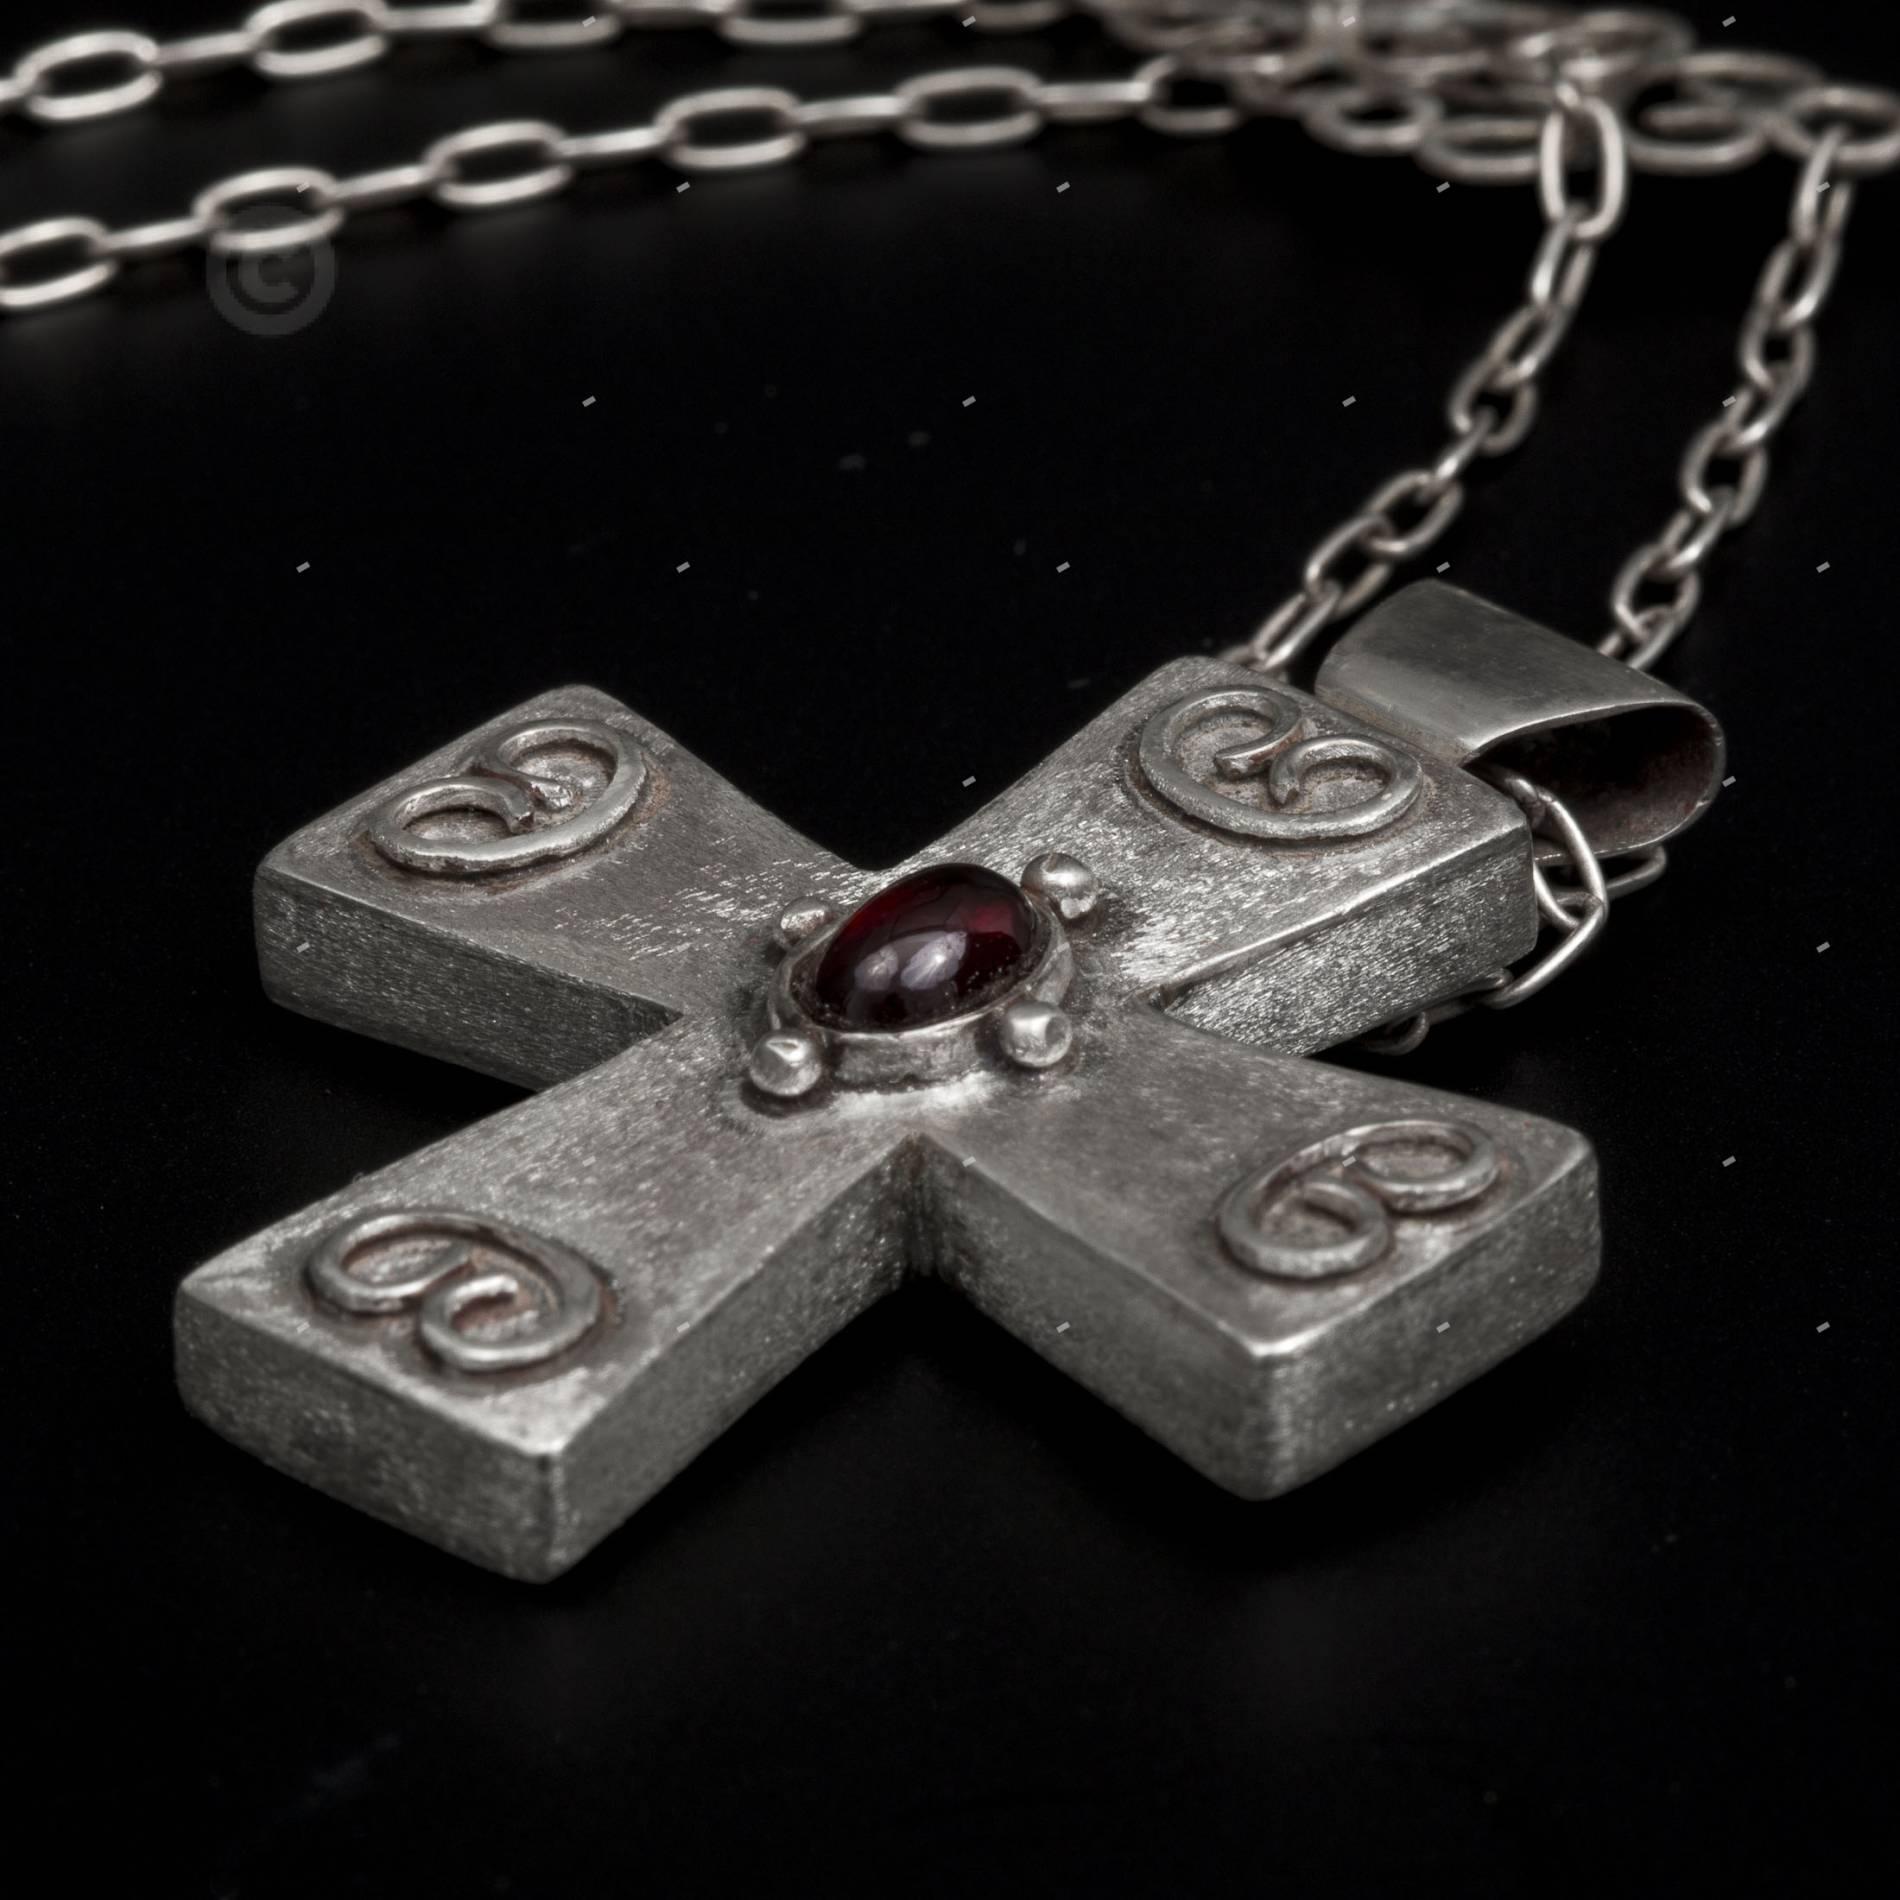 βαπτιστικός χειροποίτος βυζαντινός σταυρός